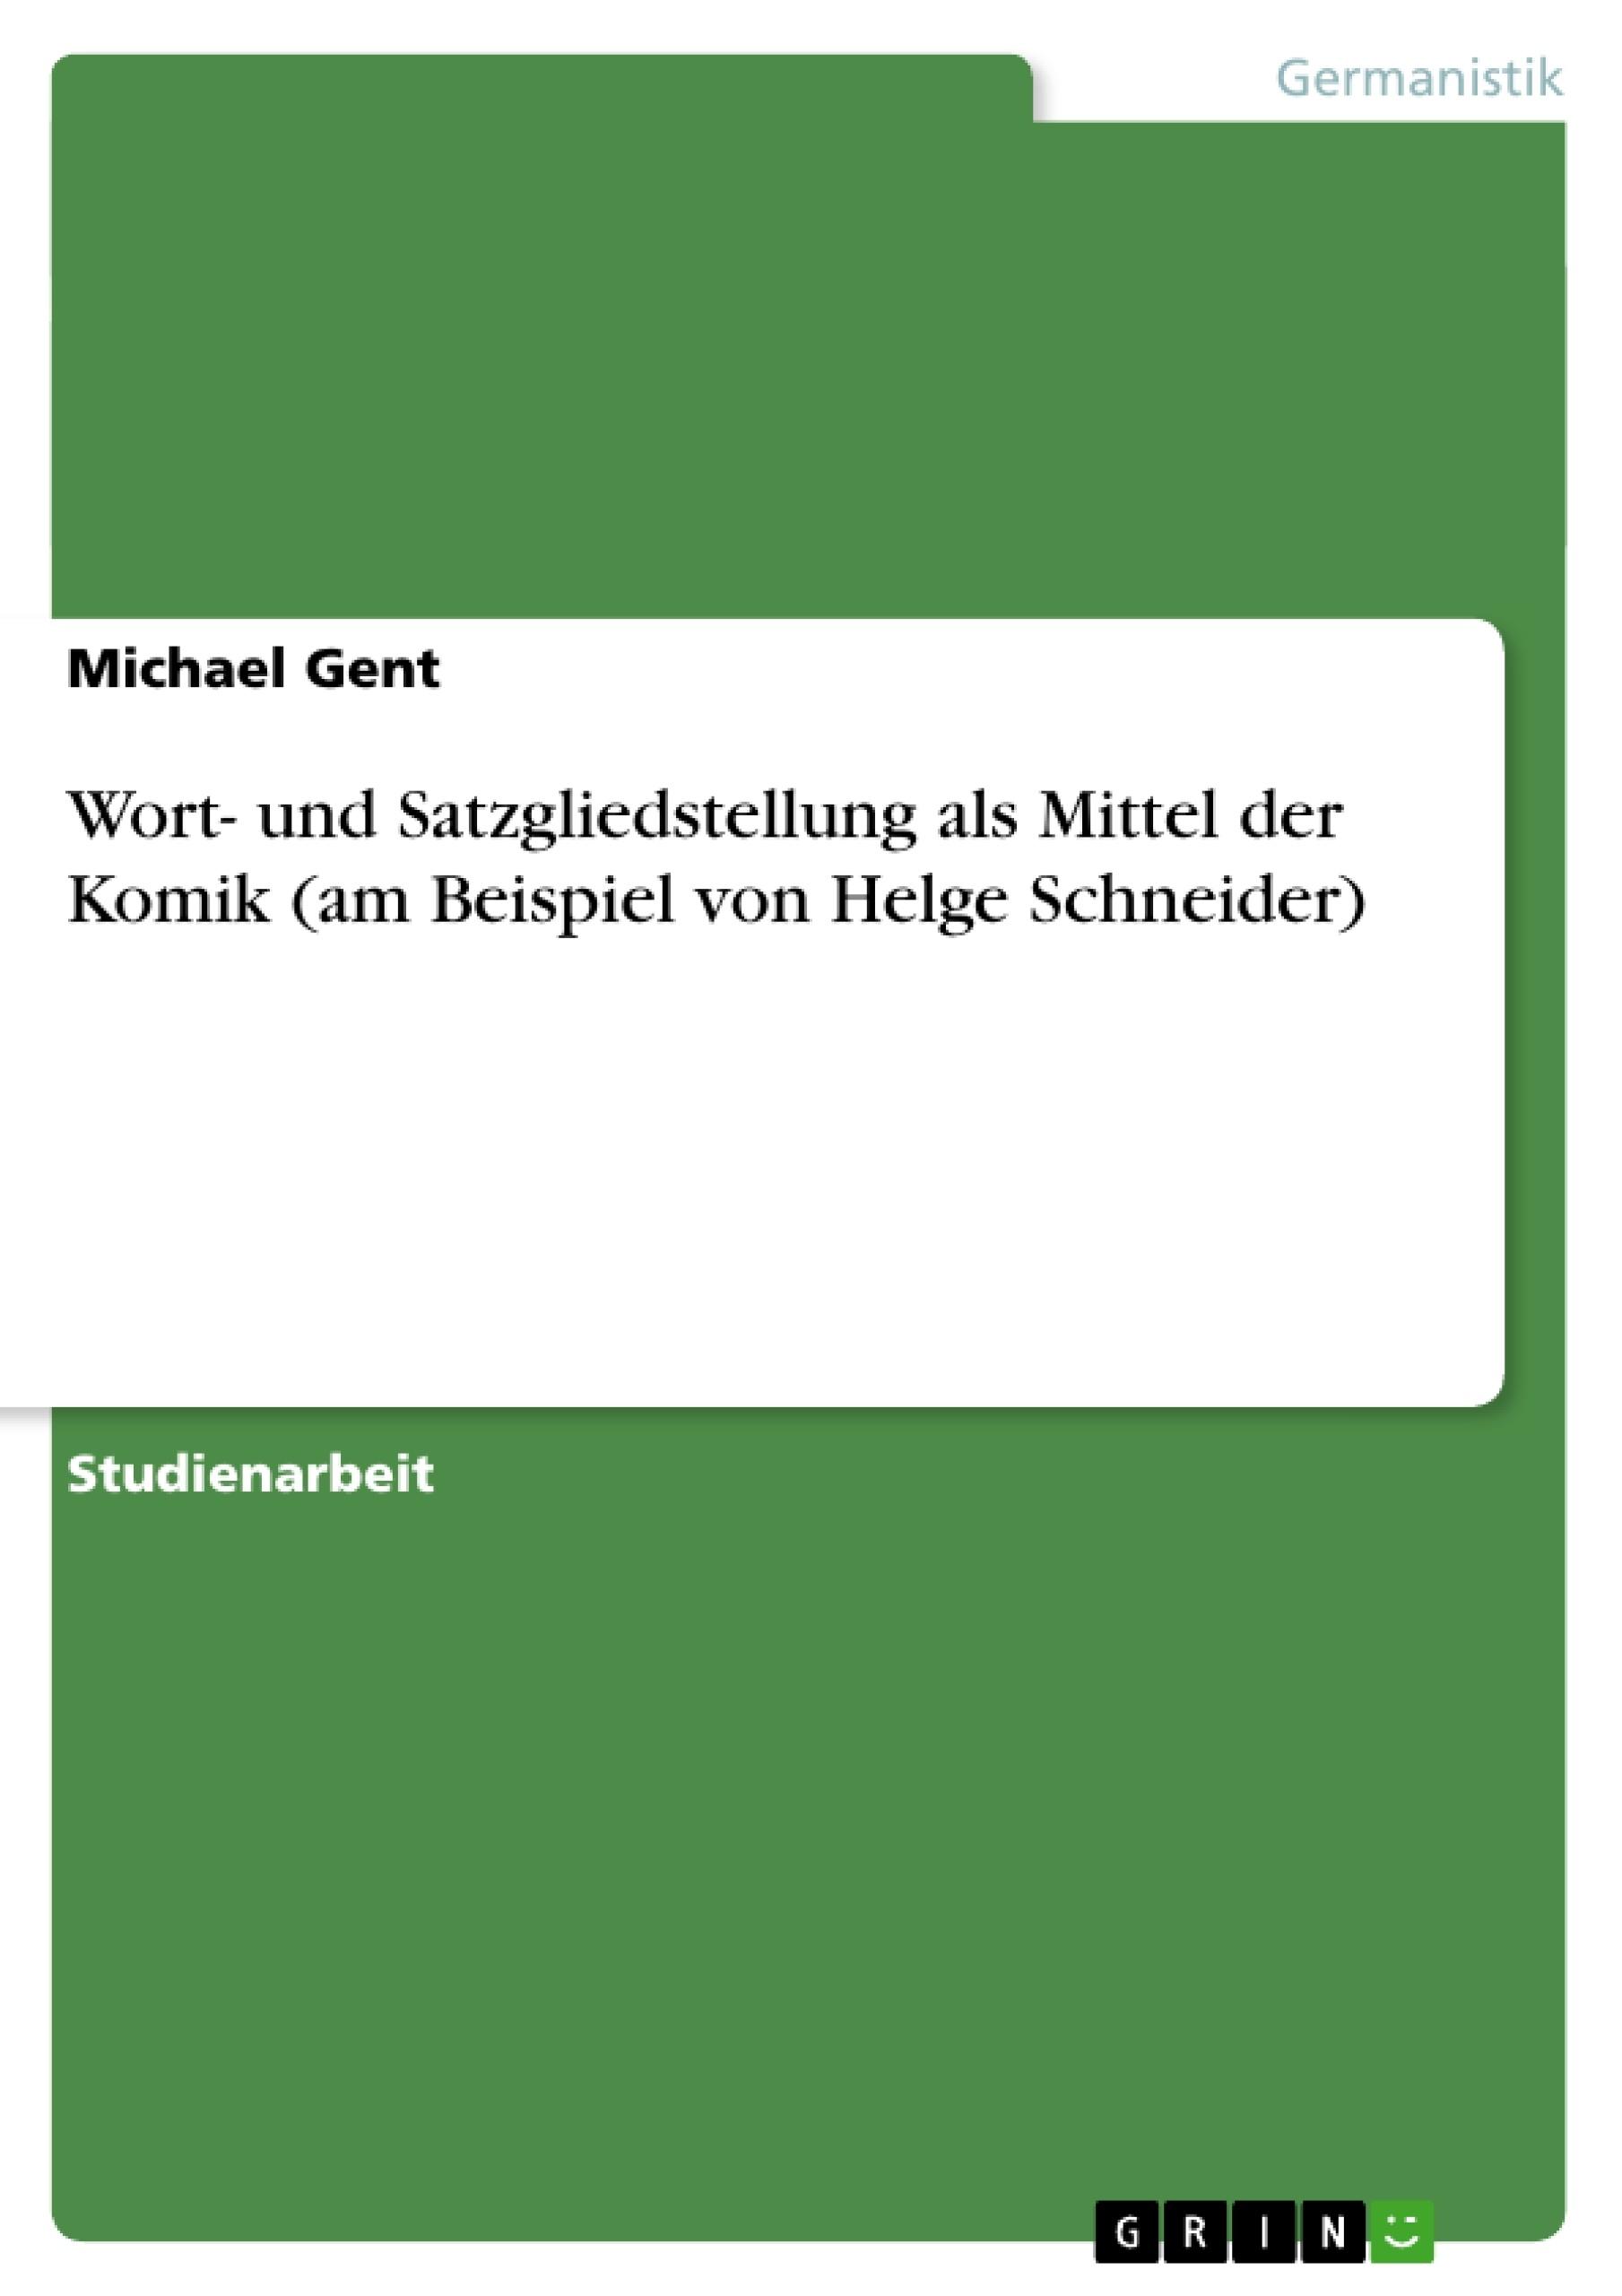 Titel: Wort- und Satzgliedstellung als Mittel der Komik (am Beispiel von Helge Schneider)